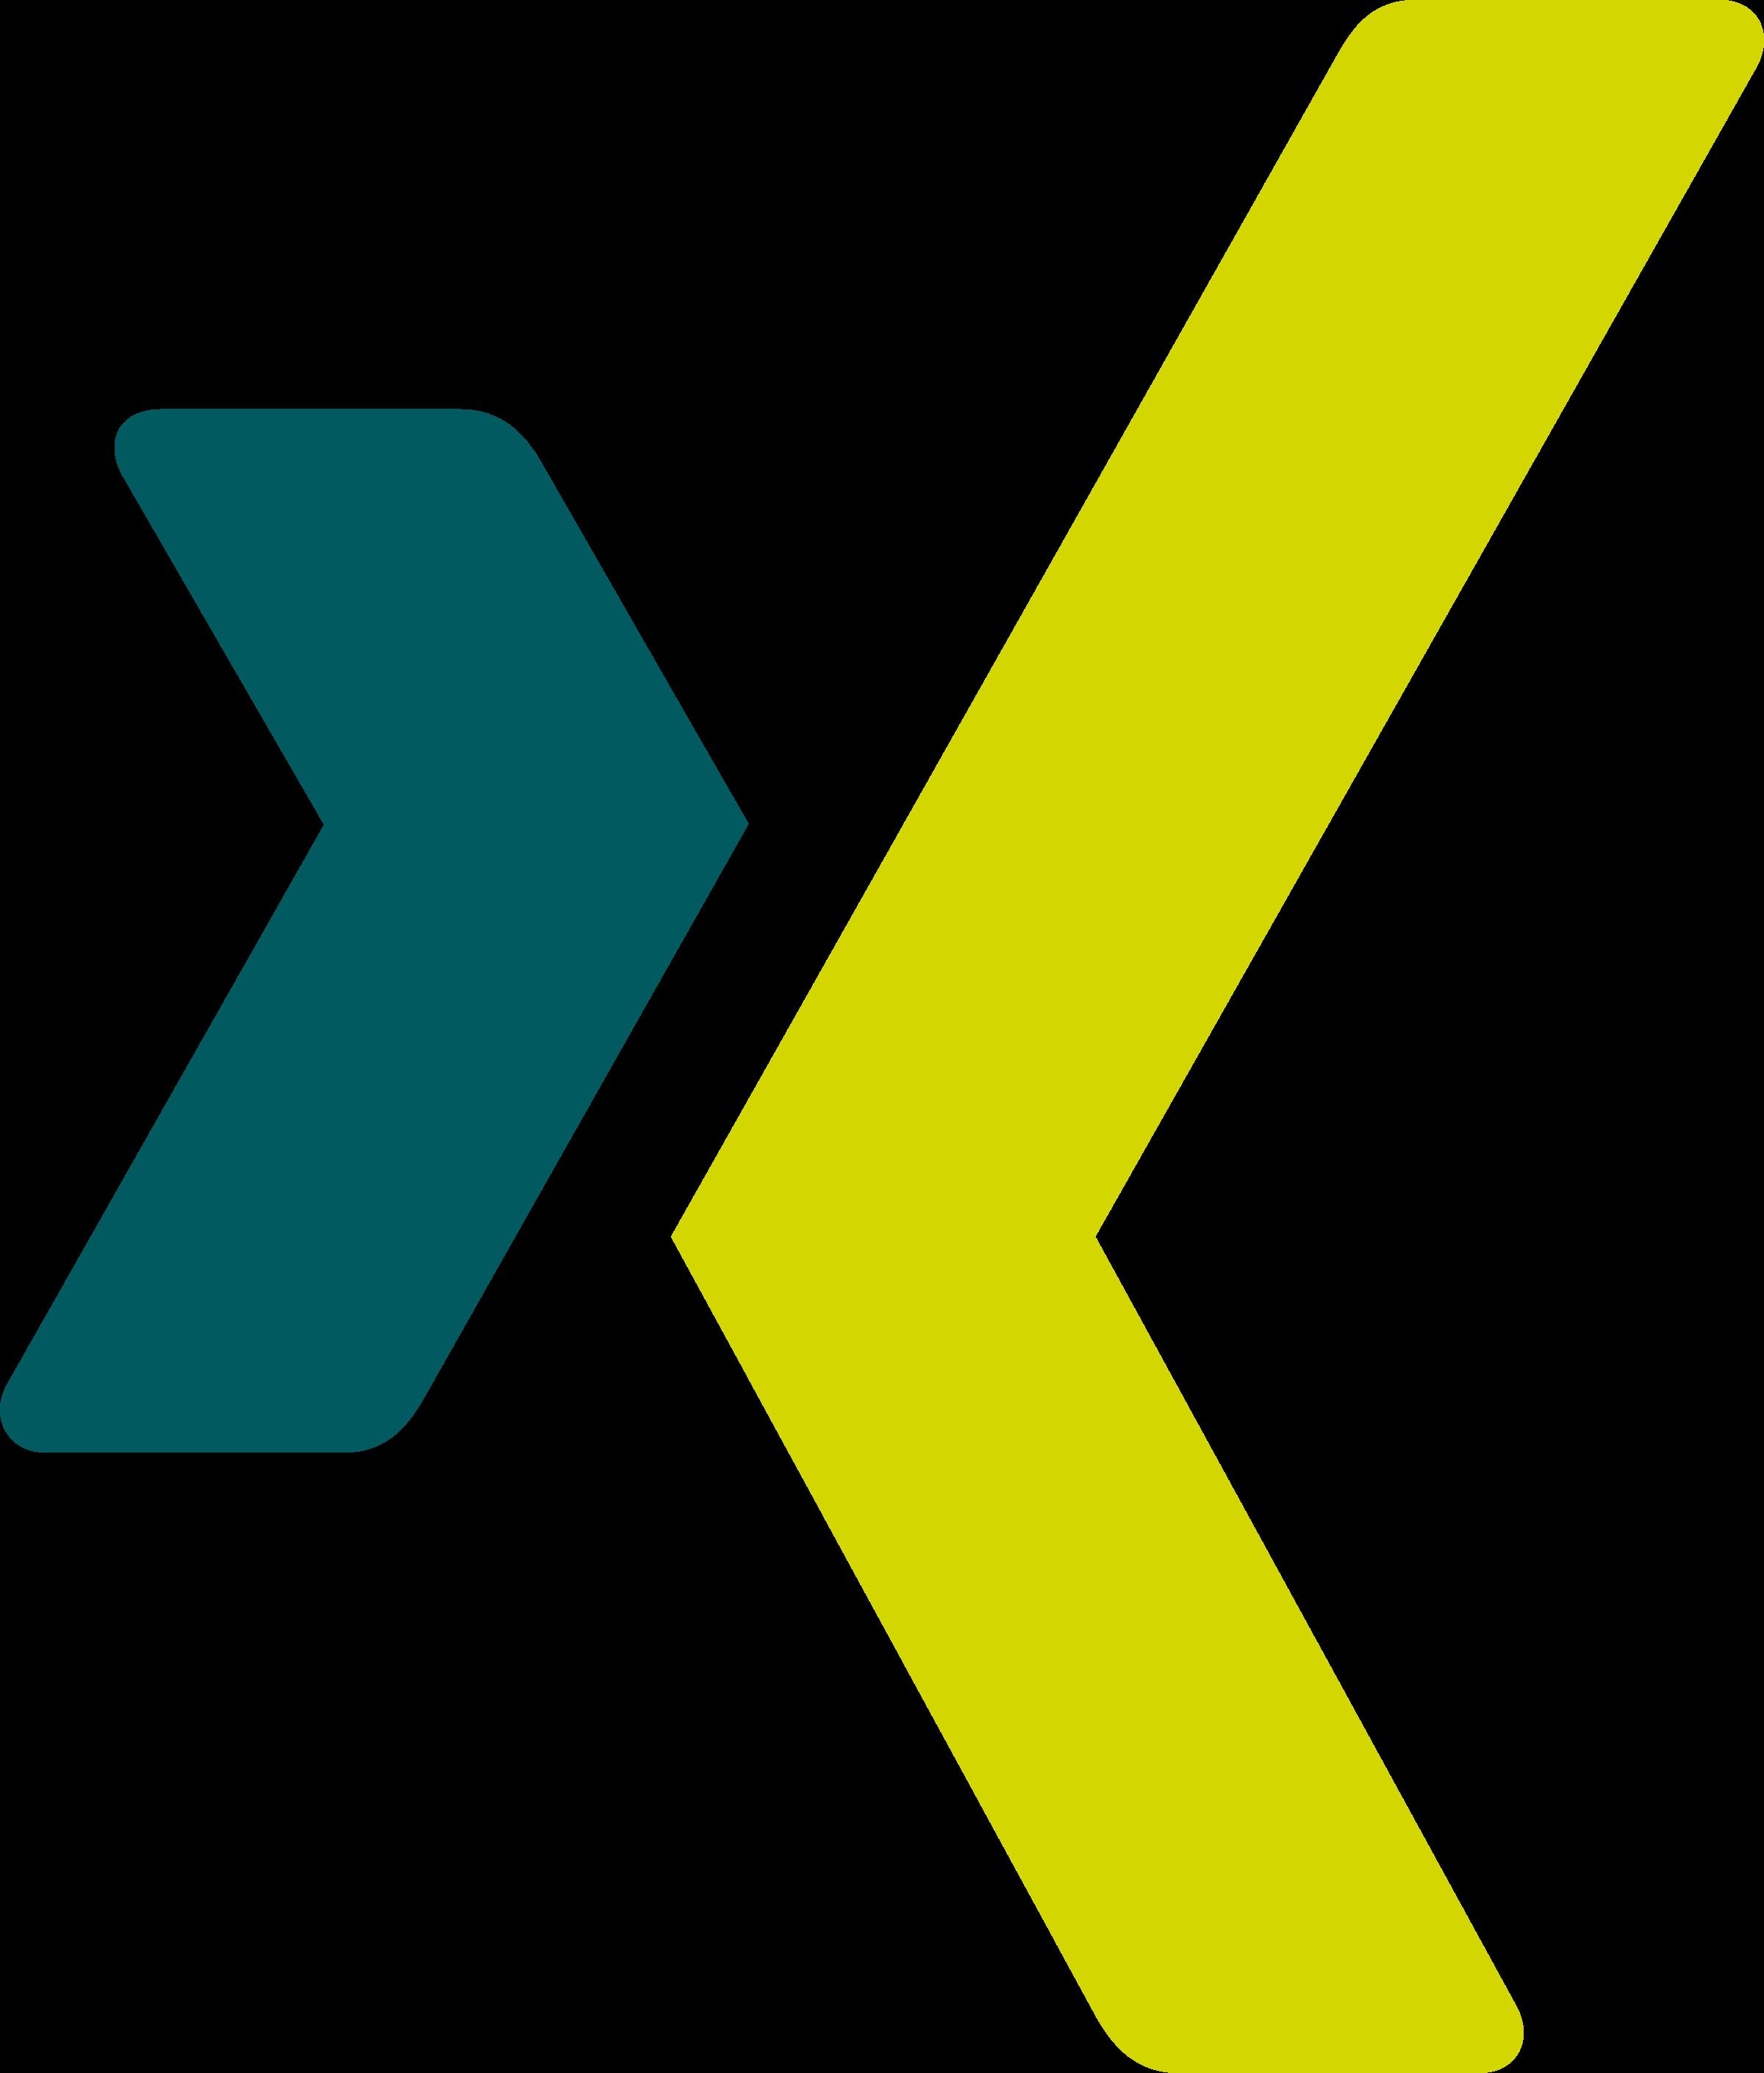 Bildergebnis für xing logo